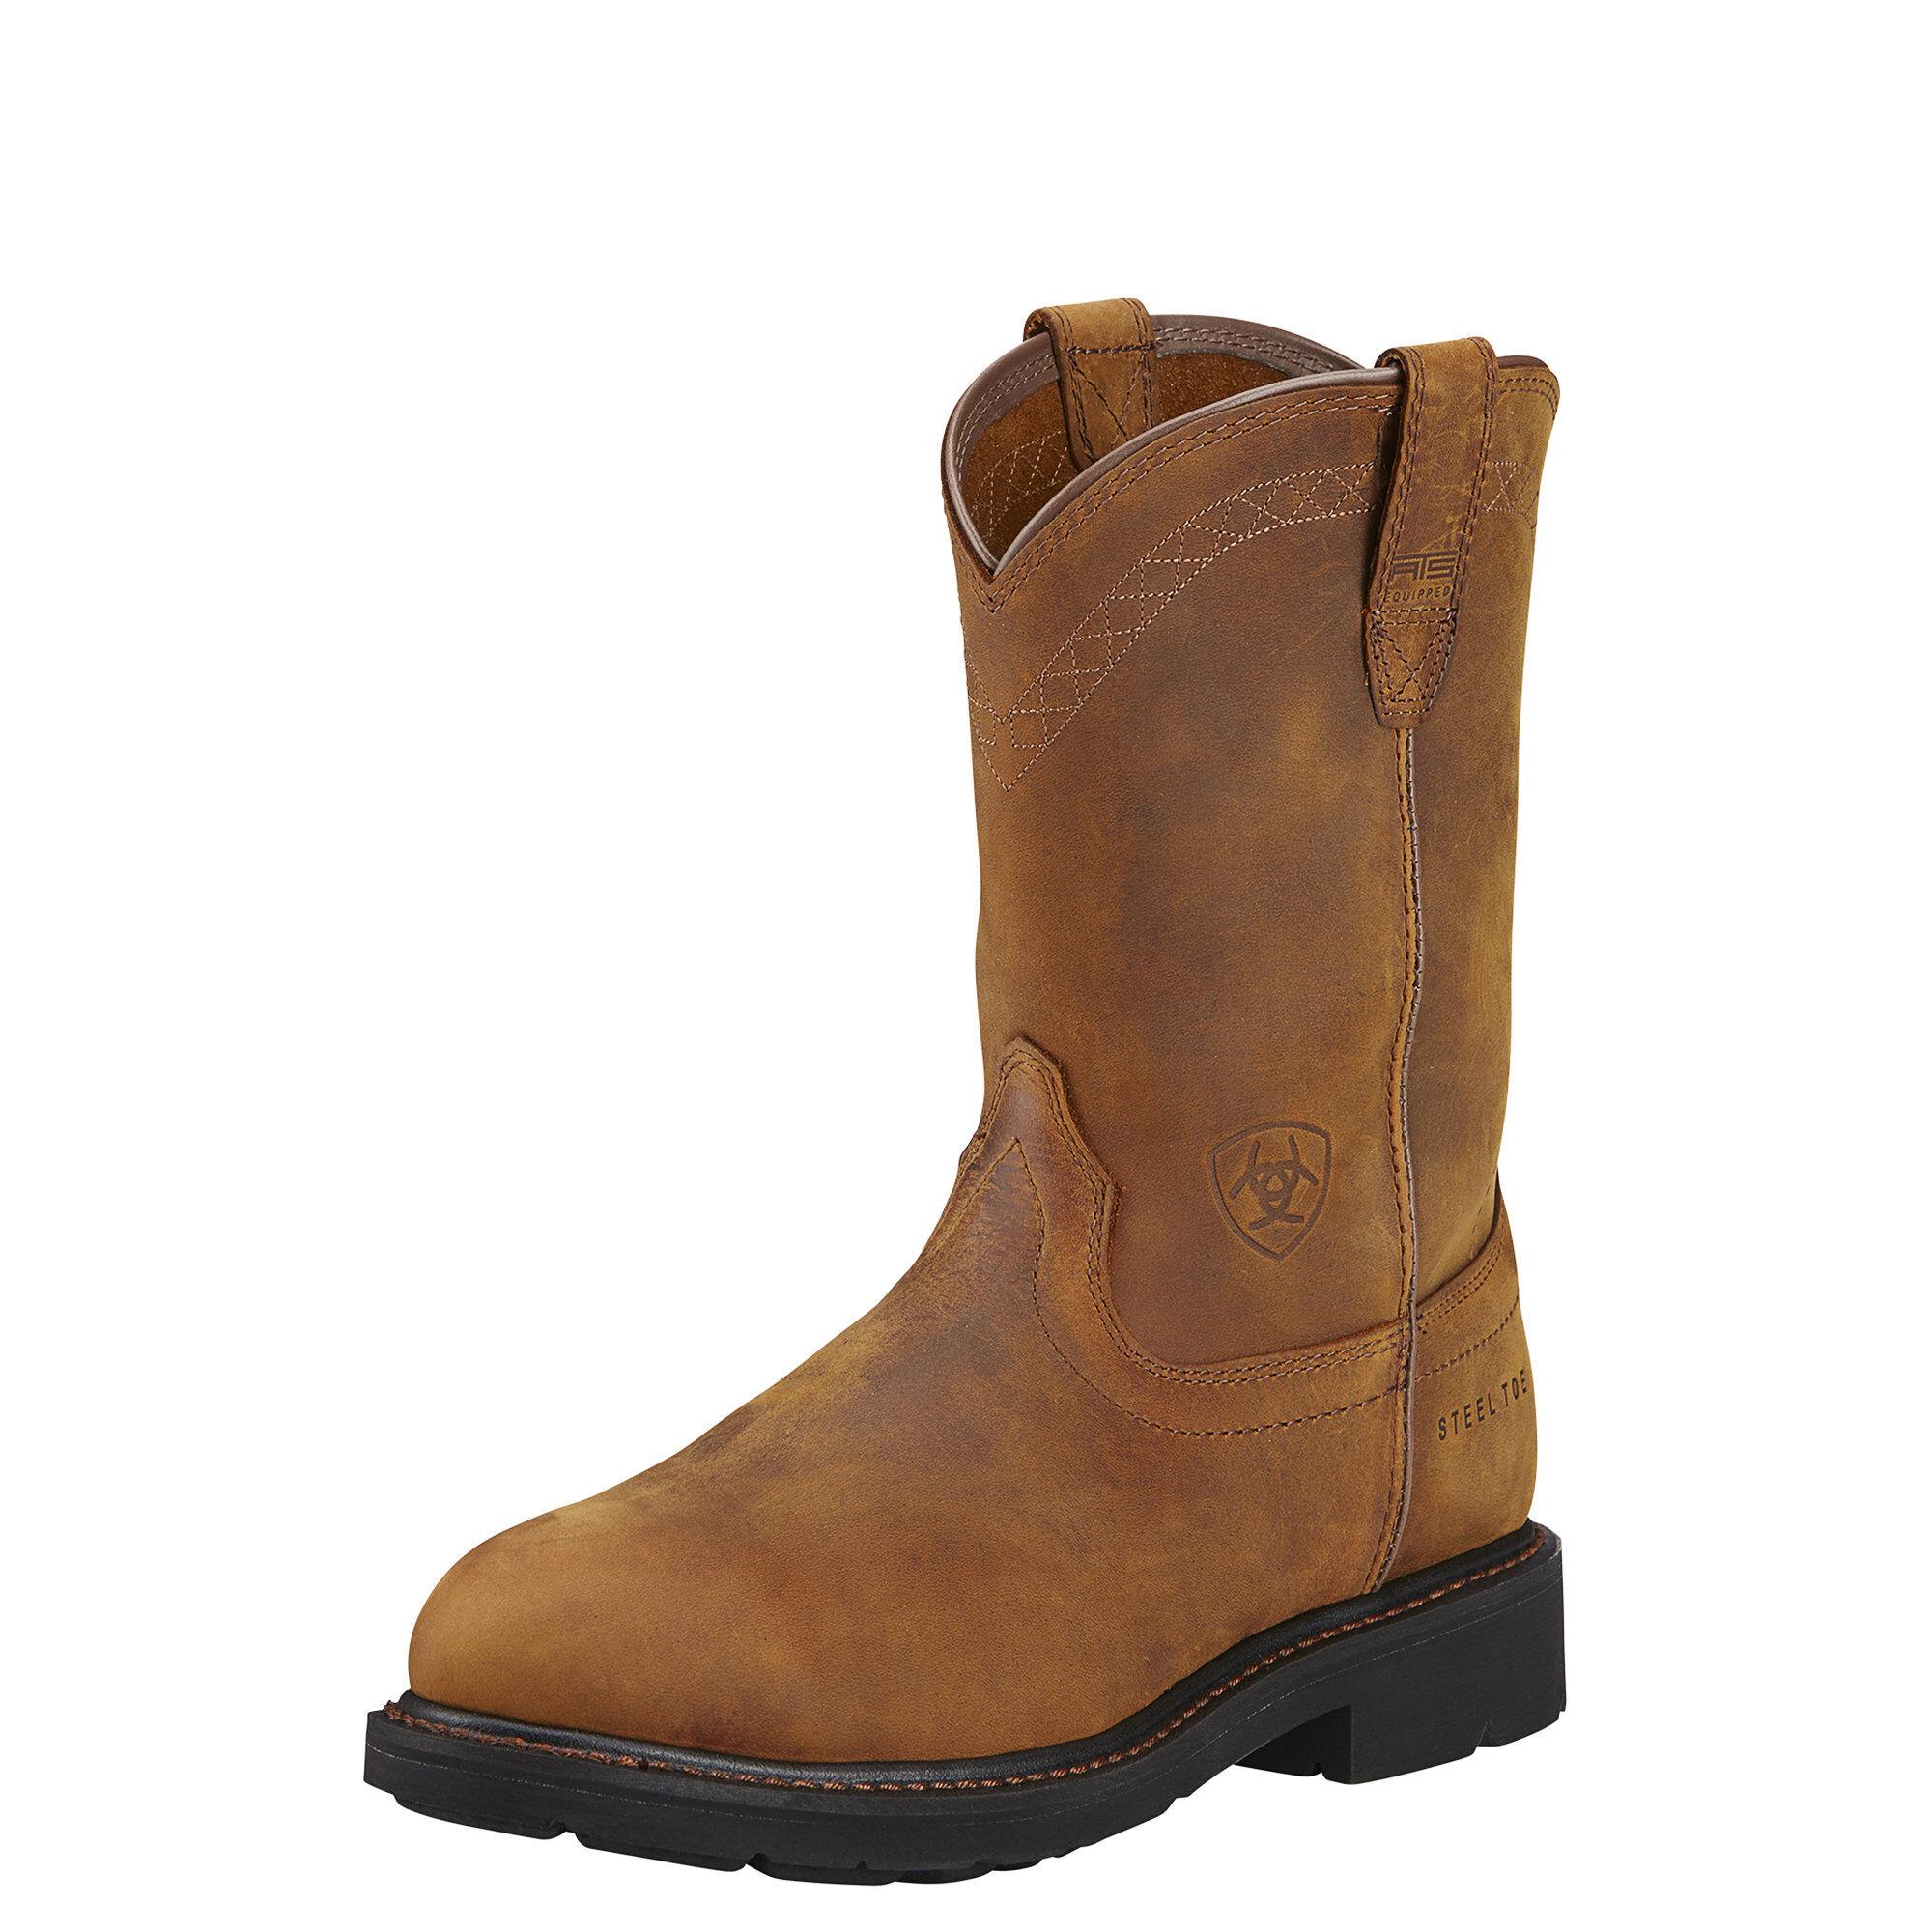 Sierra Steel Toe Work Boot | Ariat